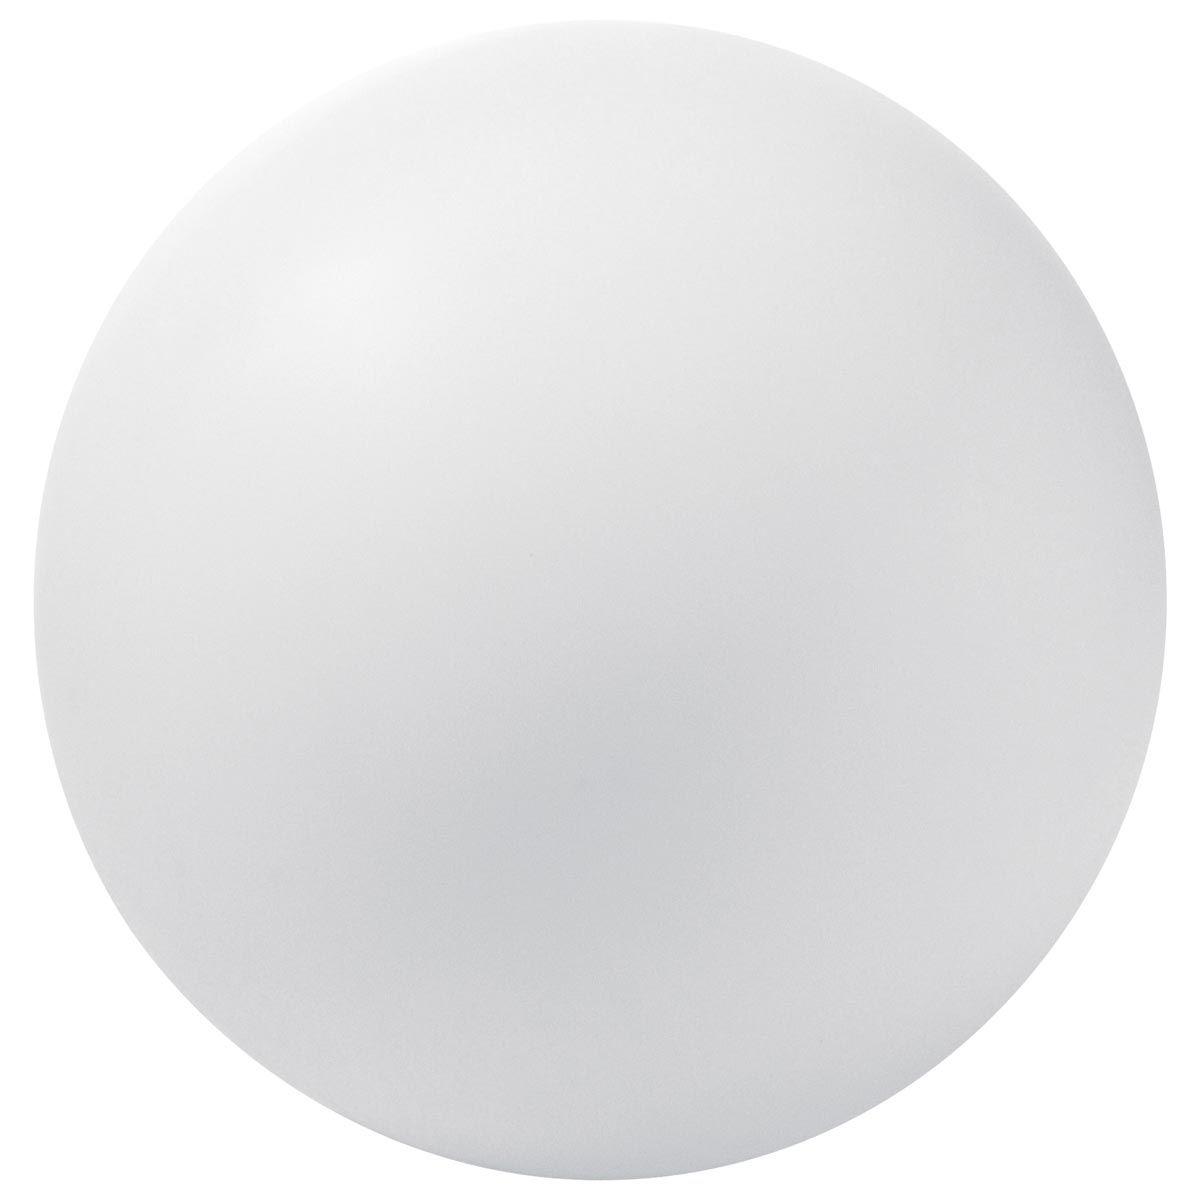 Boule lumineuse muticolore D 50 cm